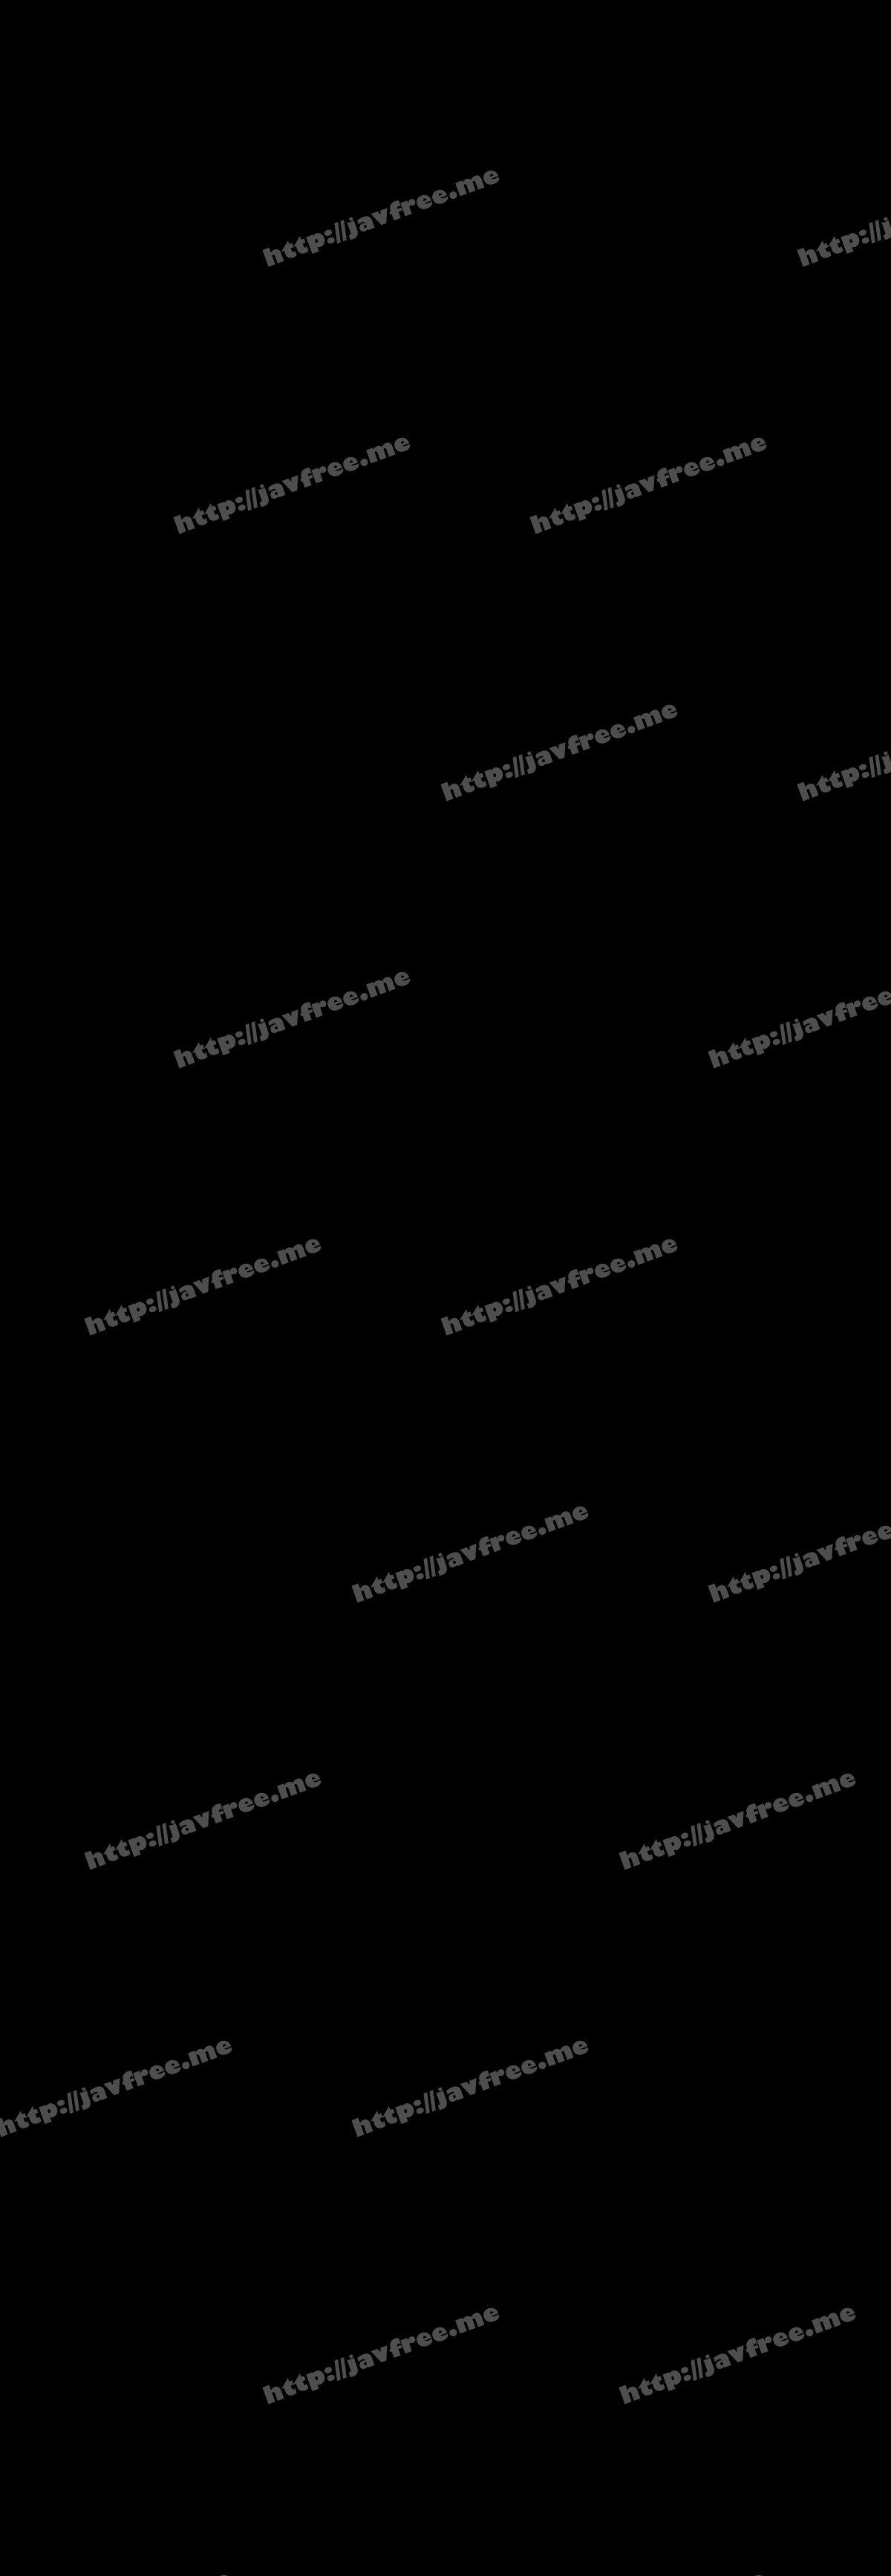 [HD][GOAL-015] セクキャバ本番厳禁の店内で強引に嬢を口説き生ハメ中出しゲッツ!!8時間 - image GOAL-015-720p on https://javfree.me